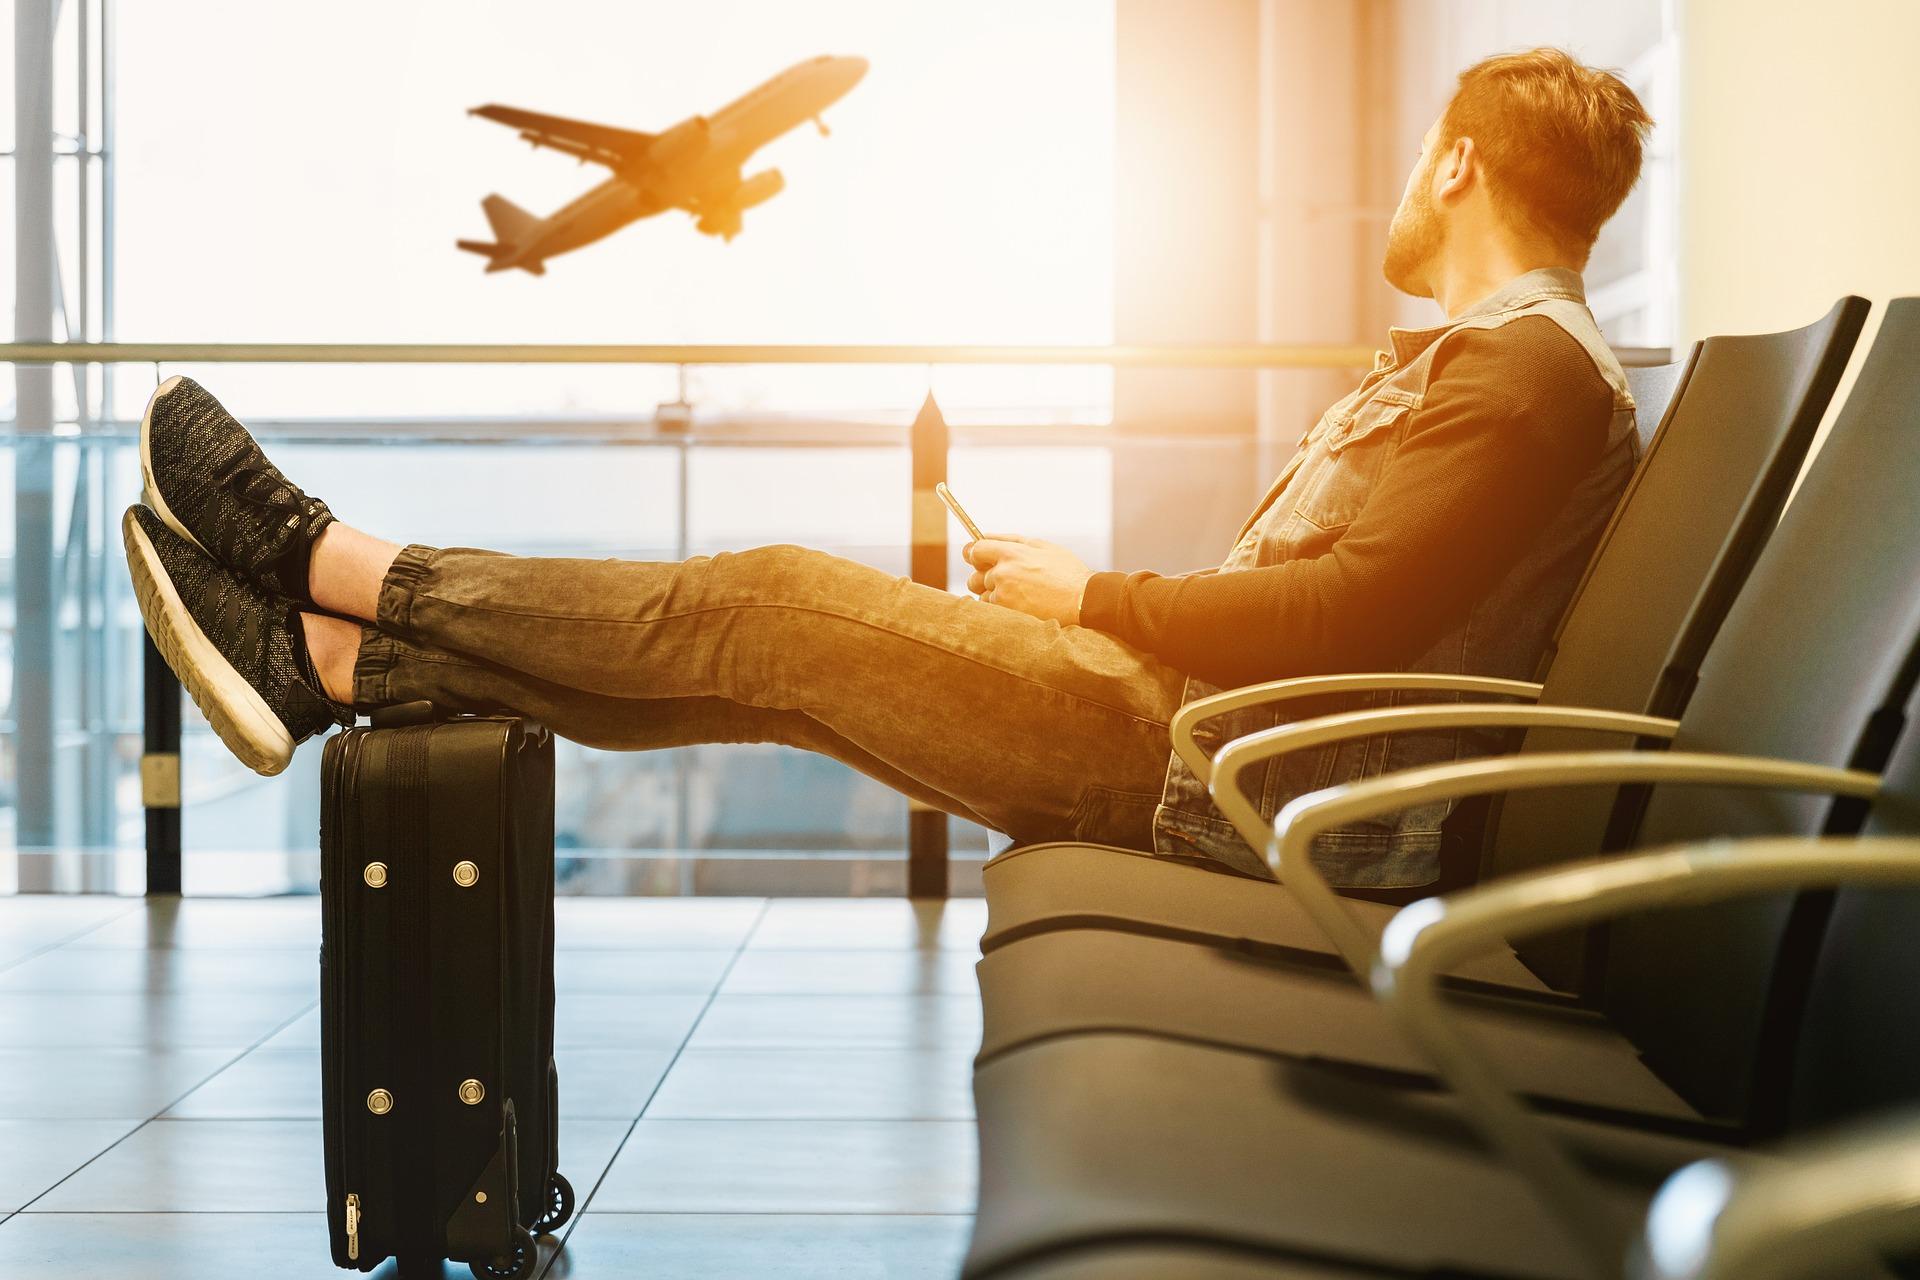 Recomendaciones para comprar boleto aéreo para ir a Rusia